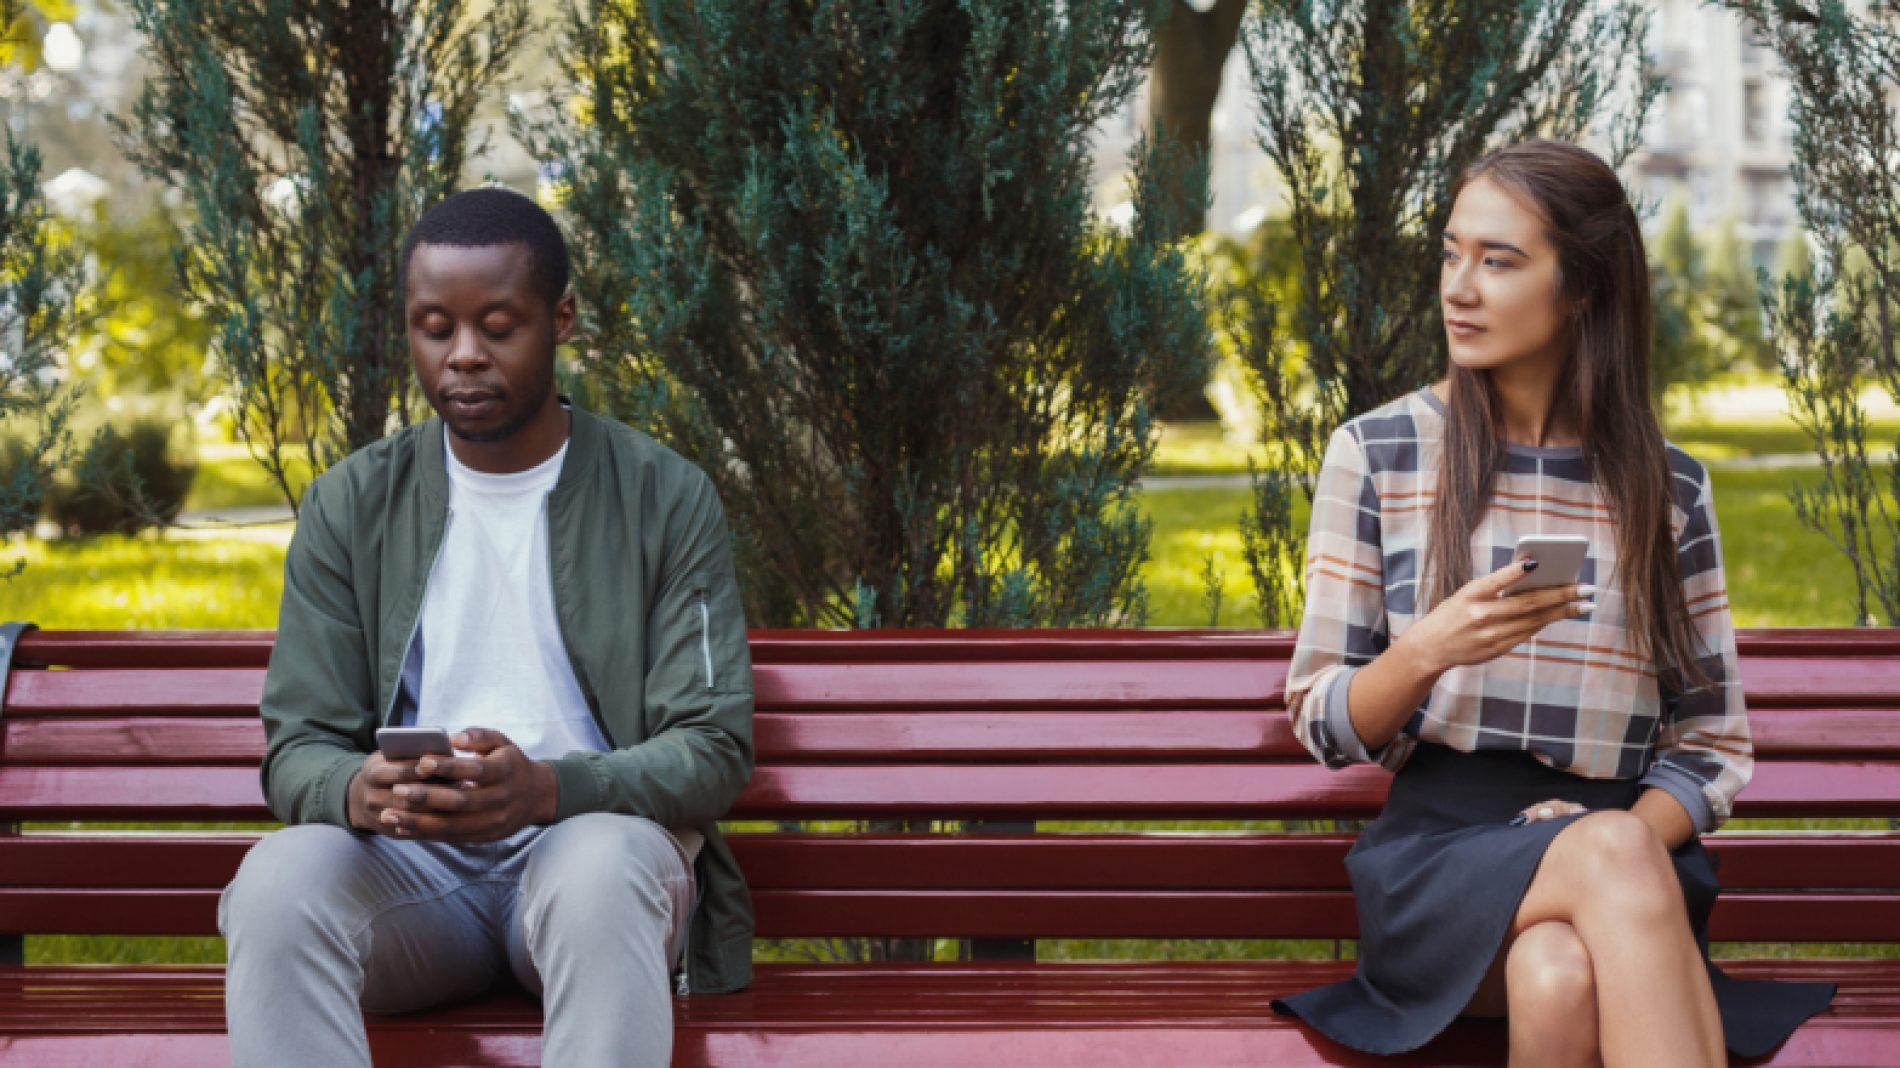 couple-on-bench-0q6wkE